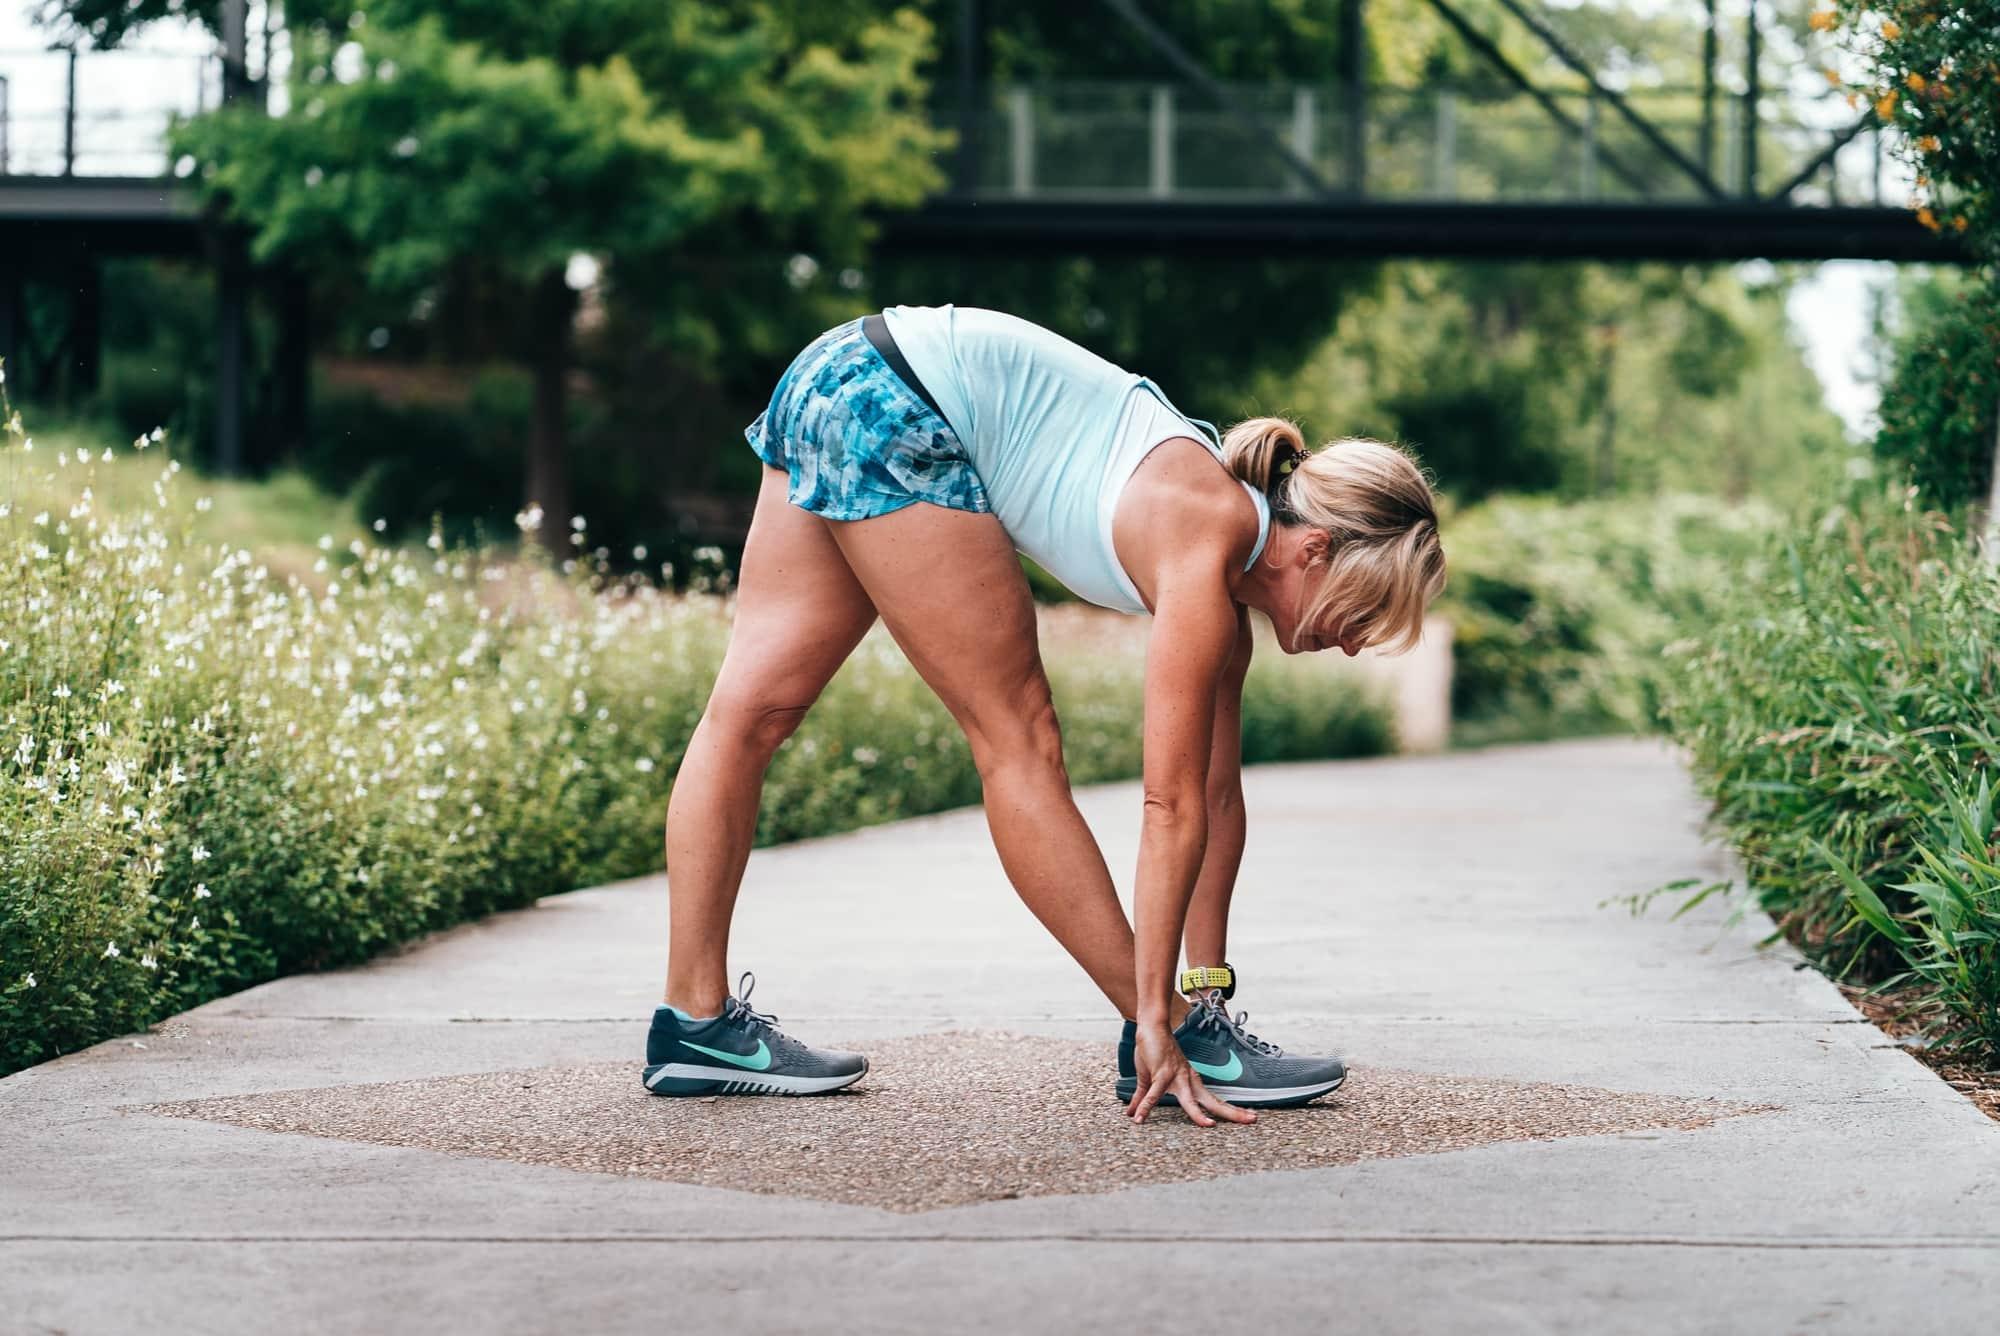 Kobieta rozciągająca się przed treningiem biegowym w parku.